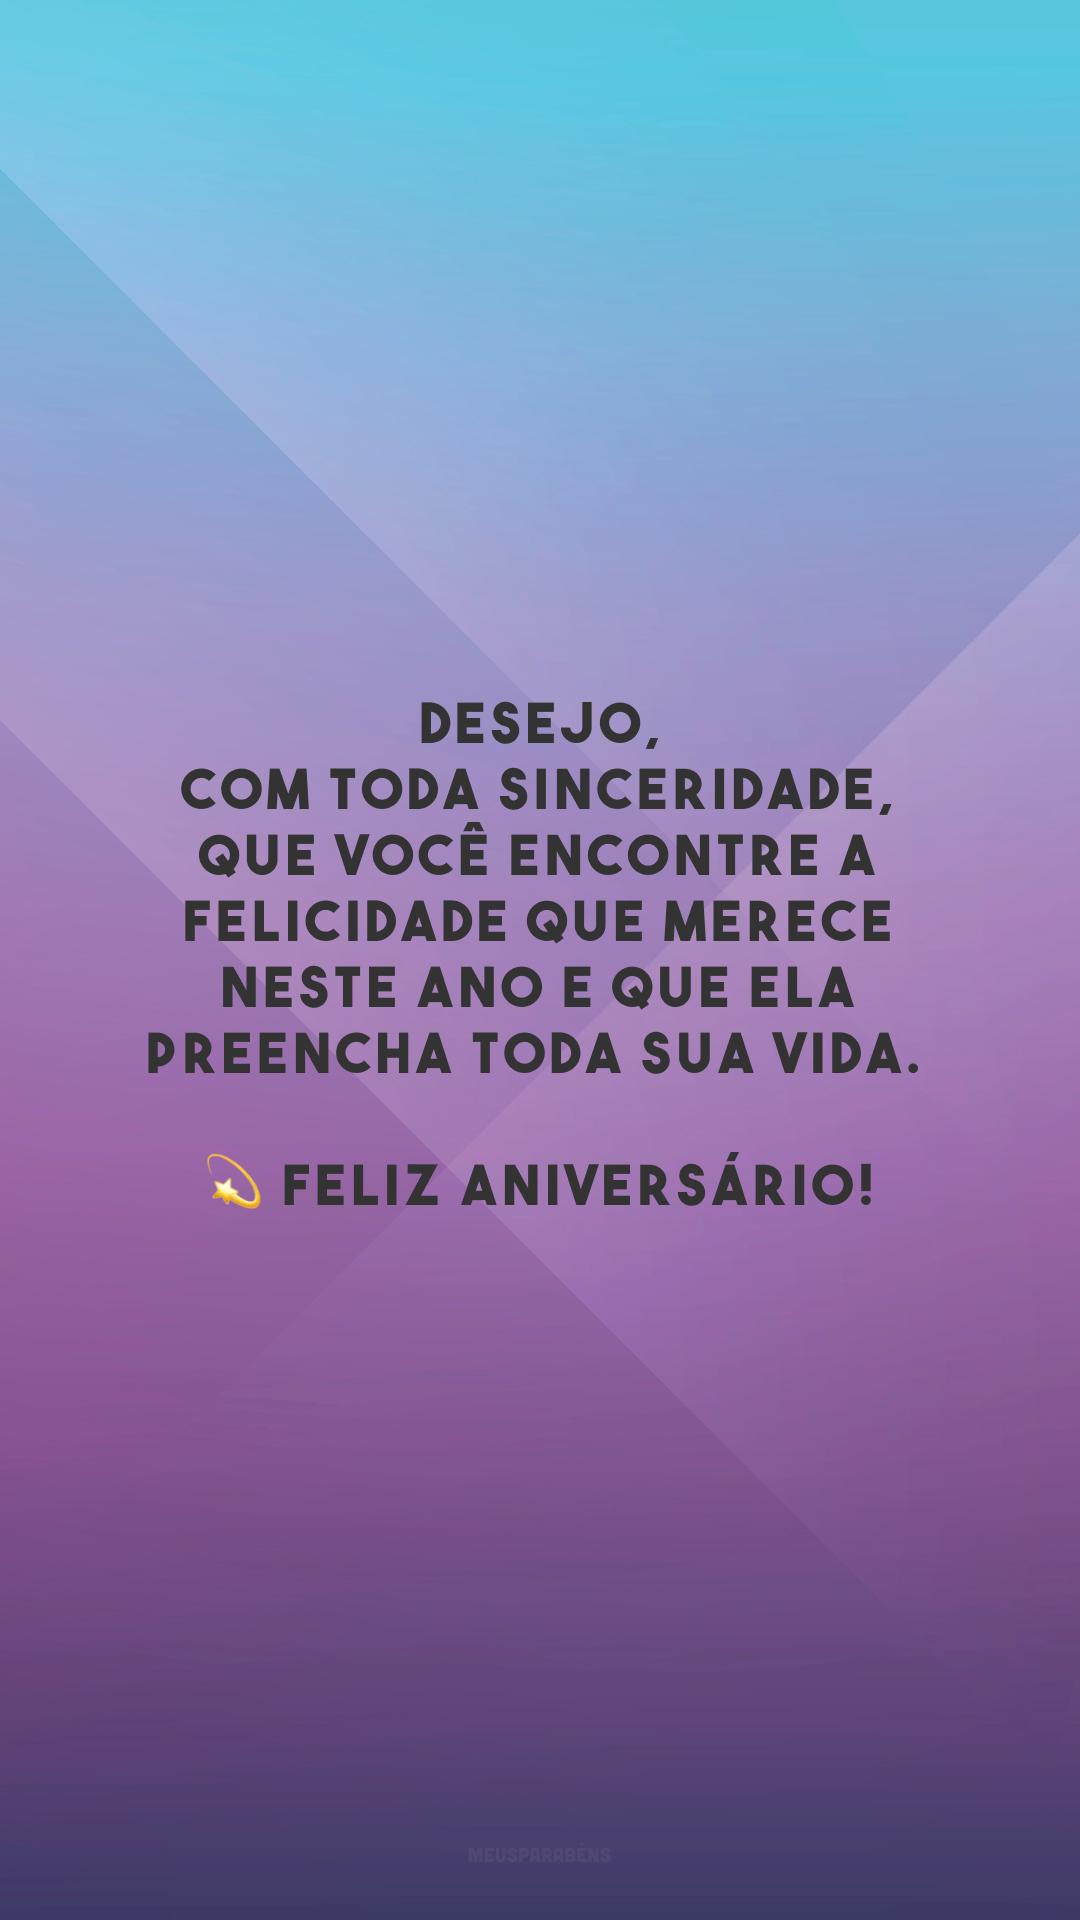 Desejo, com toda sinceridade, que você encontre a felicidade que merece neste ano e que ela preencha toda sua vida. 💫 Feliz aniversário!